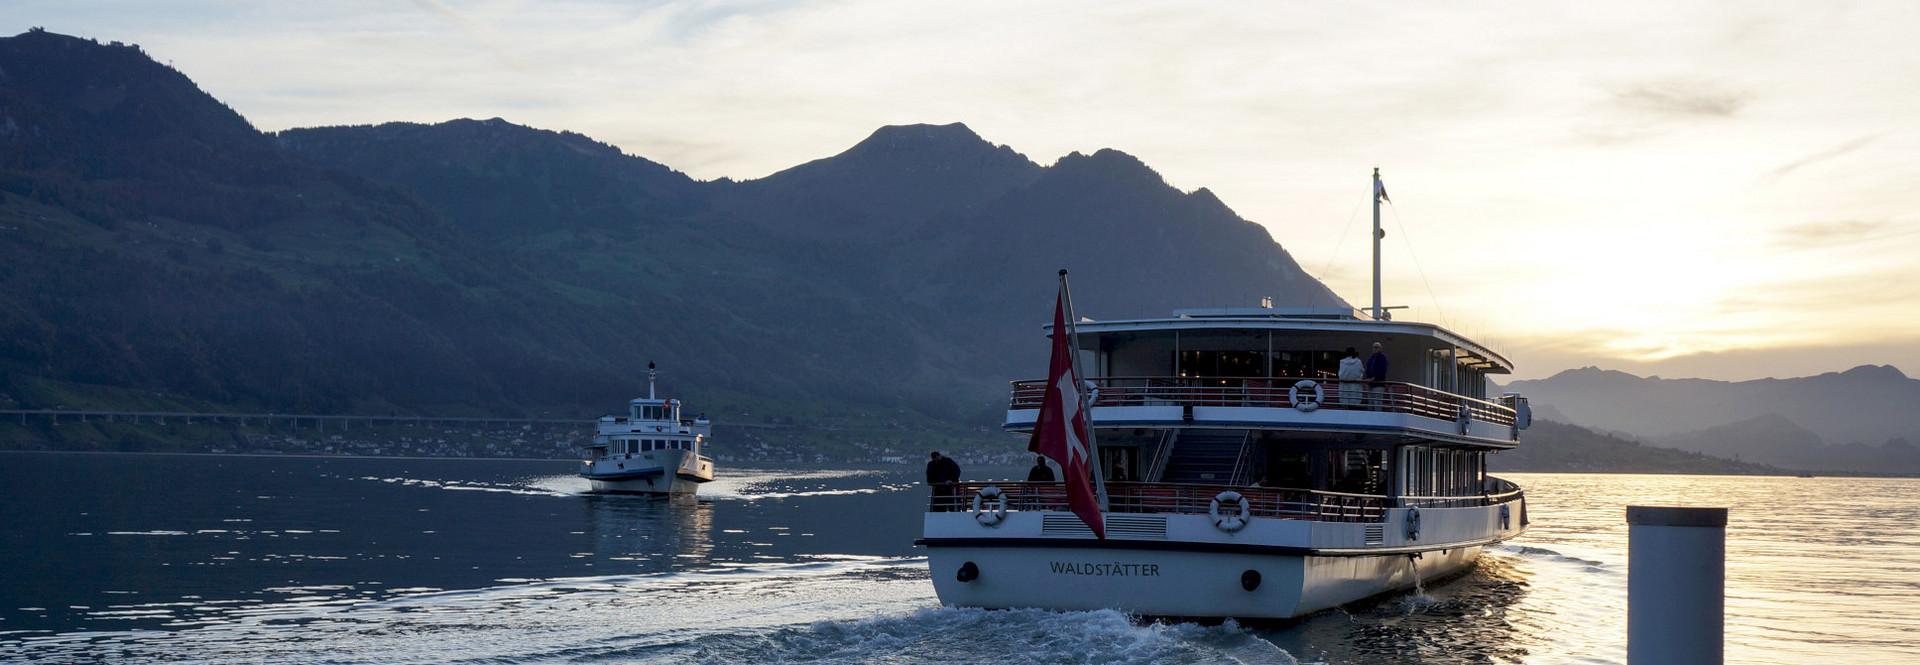 Zwei Motorschiffe der Schifffahrtsgesellschaft des Vierwaldstättersees kreuzen sich an einem Morgen auf dem Vierwaldstättersee.